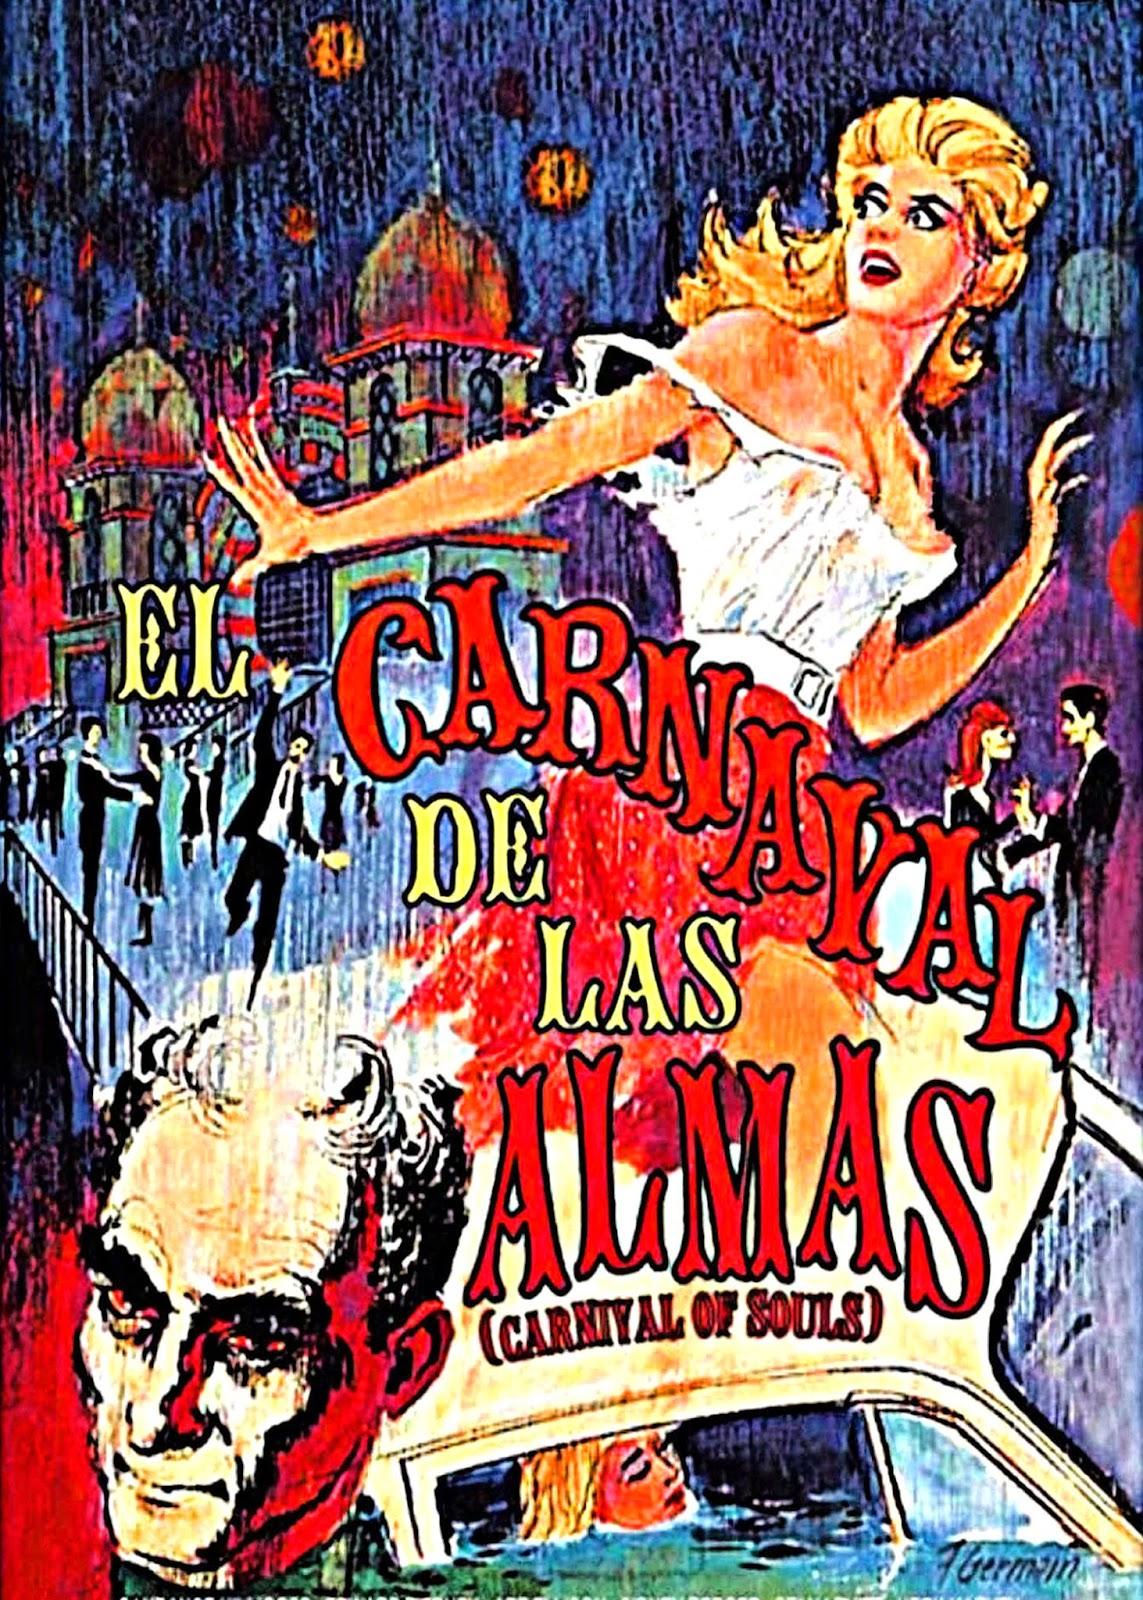 El carnaval de las almas (1962)